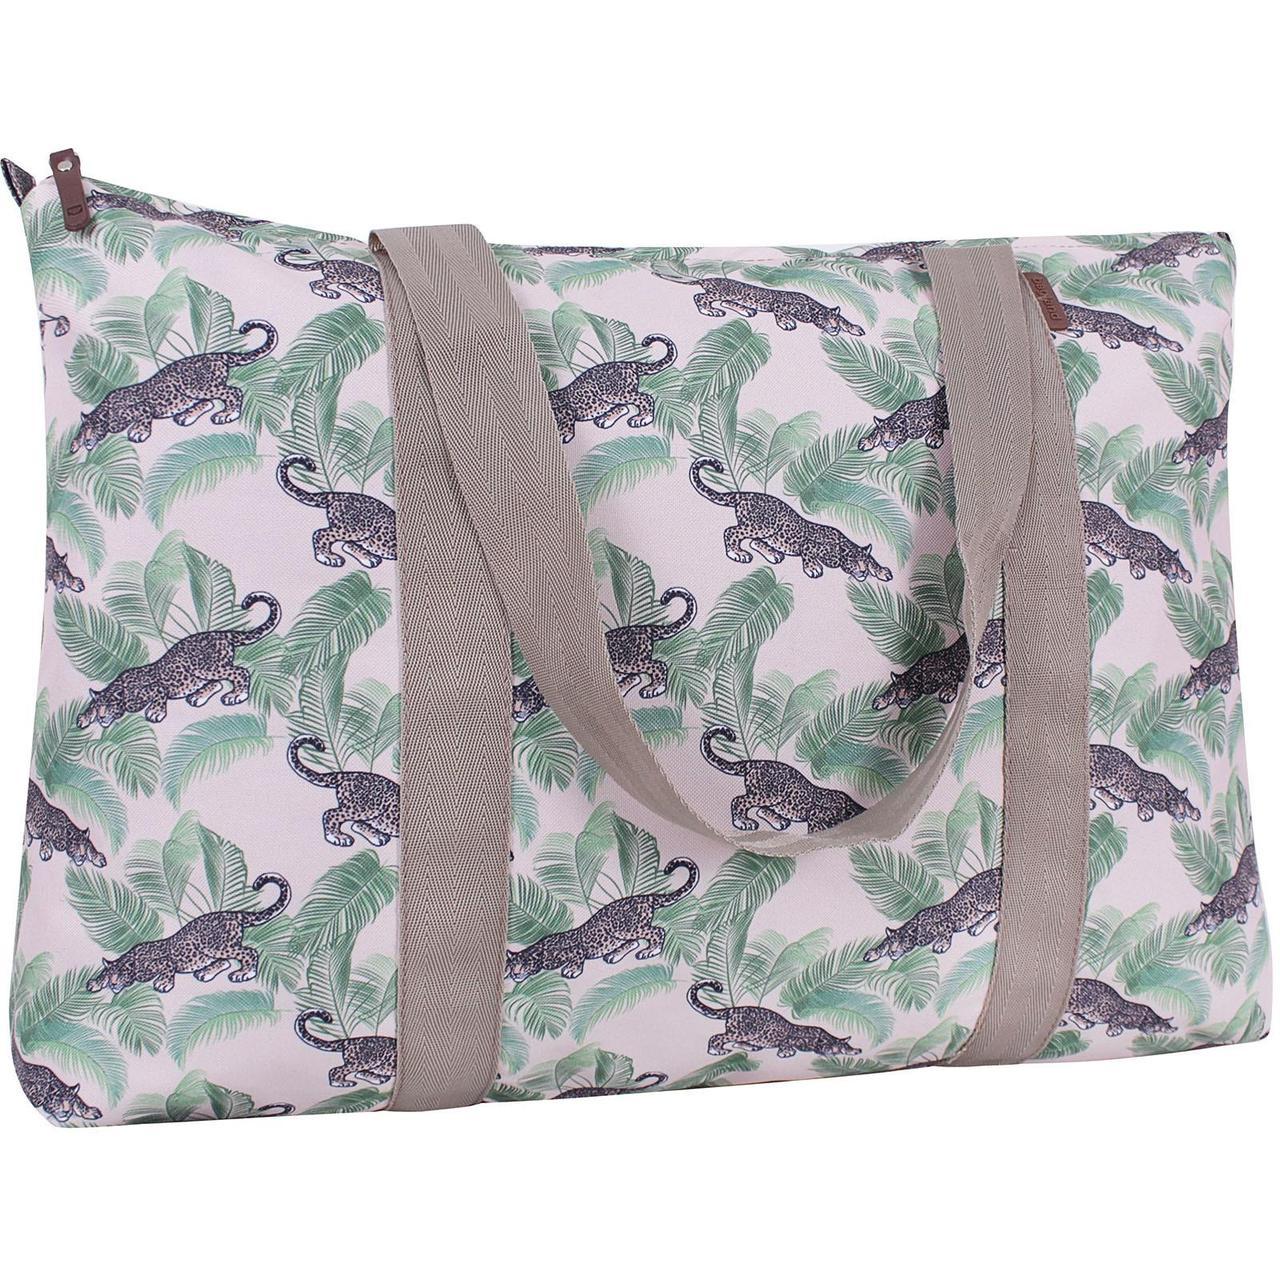 Дорожня жіноча сумка, стильна тканинна сумка для подорожі, Bagland Anita 30 л. сублімація (00731664)